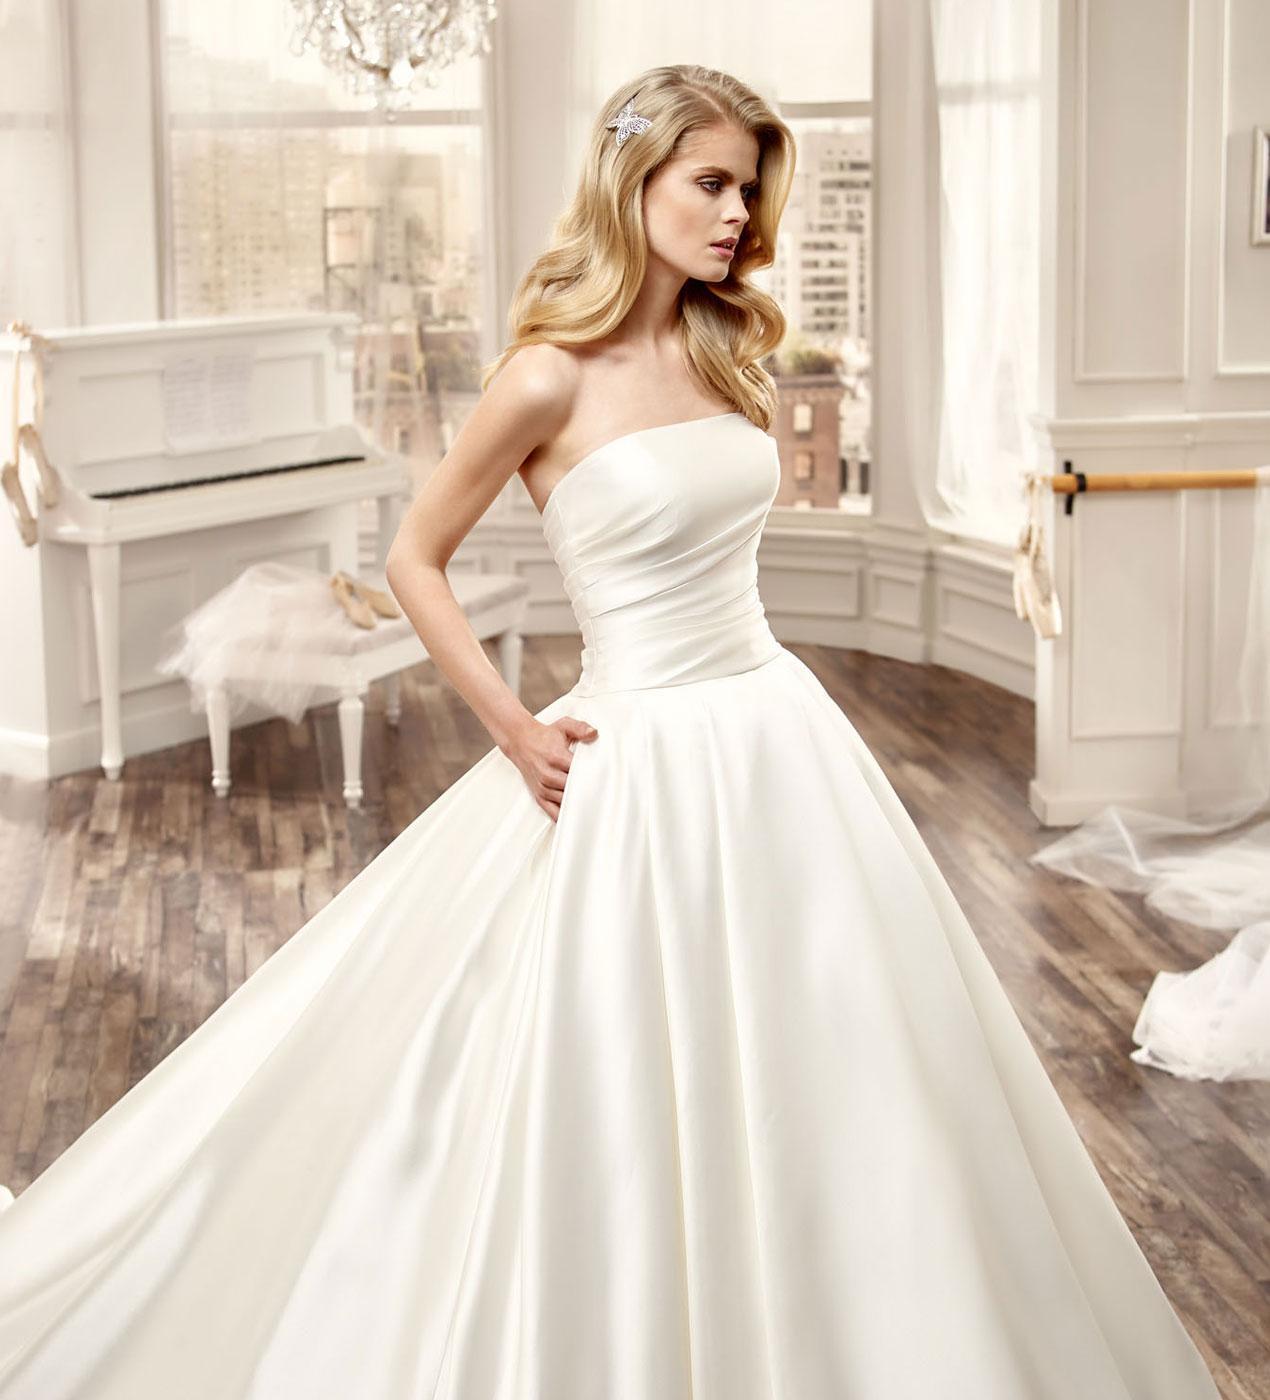 Hochzeitskleider verleih ludwigsburg  Hochzeitskleid